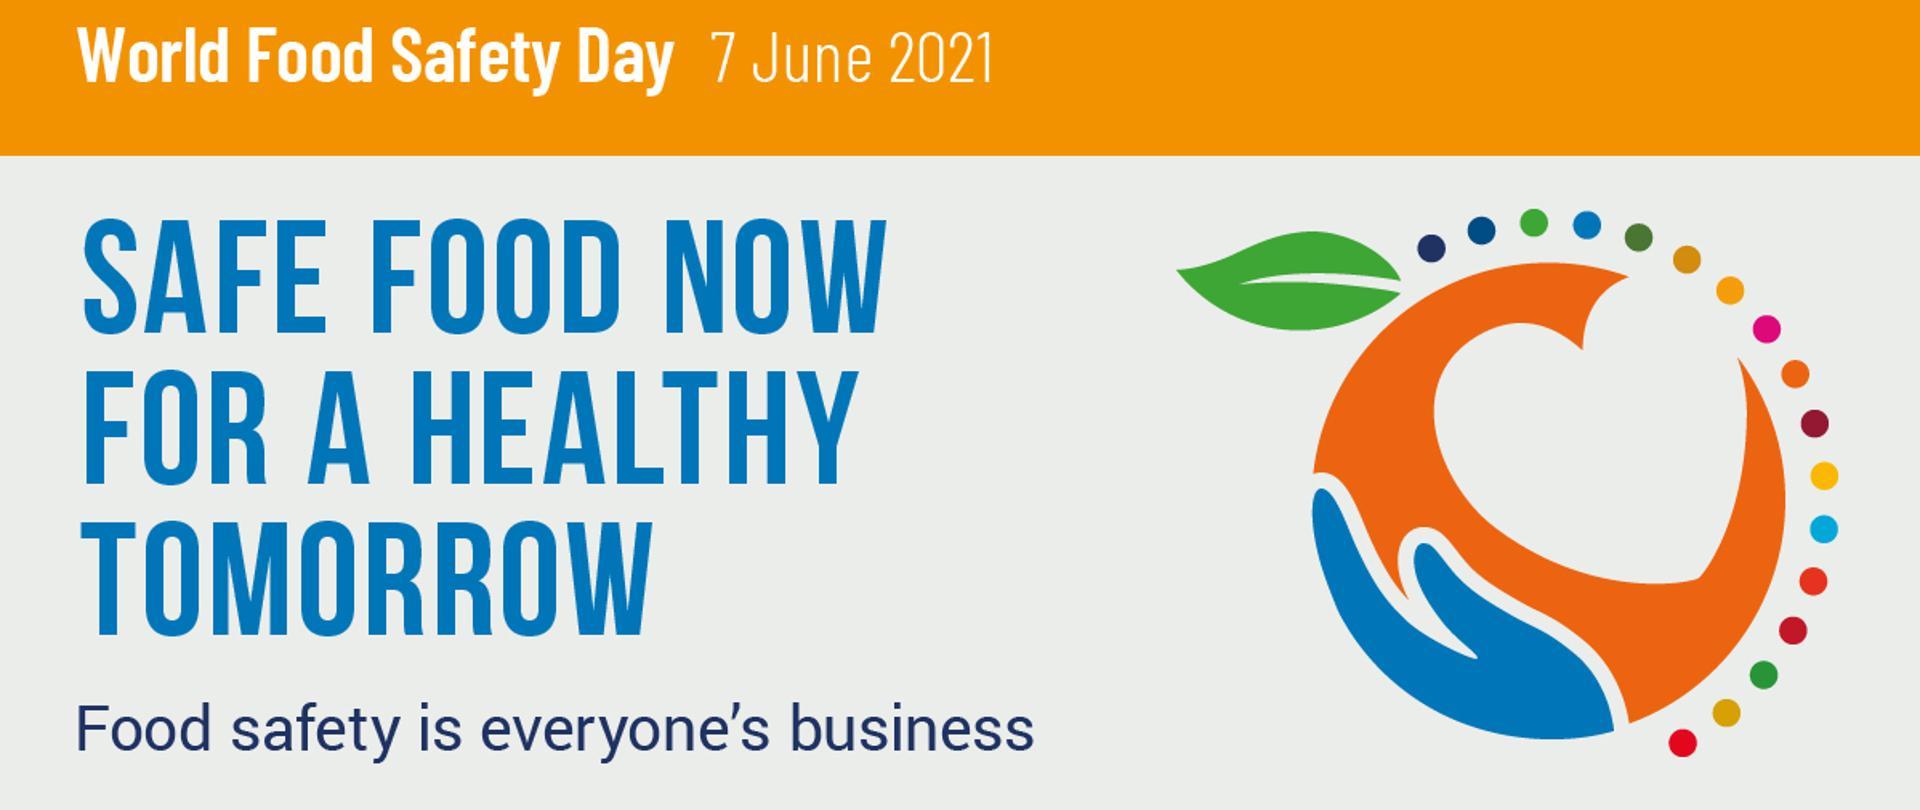 Grafika - z prawej strony graficznie przestawiona kula ziemska z dłonią, która ją podtrzymuje. Na górze kuli ziemskiej jest listek, połowa kuli jest otoczona kropkami we wszystkich kolorach. Na górze hasło: World Food Safety Day 7 JUne 2021. W drugi wersie: Safe food now for a healthy tommorow. Food safety is everyone's business. W trzecim wersie są logotypy: Food and Agriculture Organization of the United Nations, World Health Organization, Sustainable Development Goals.